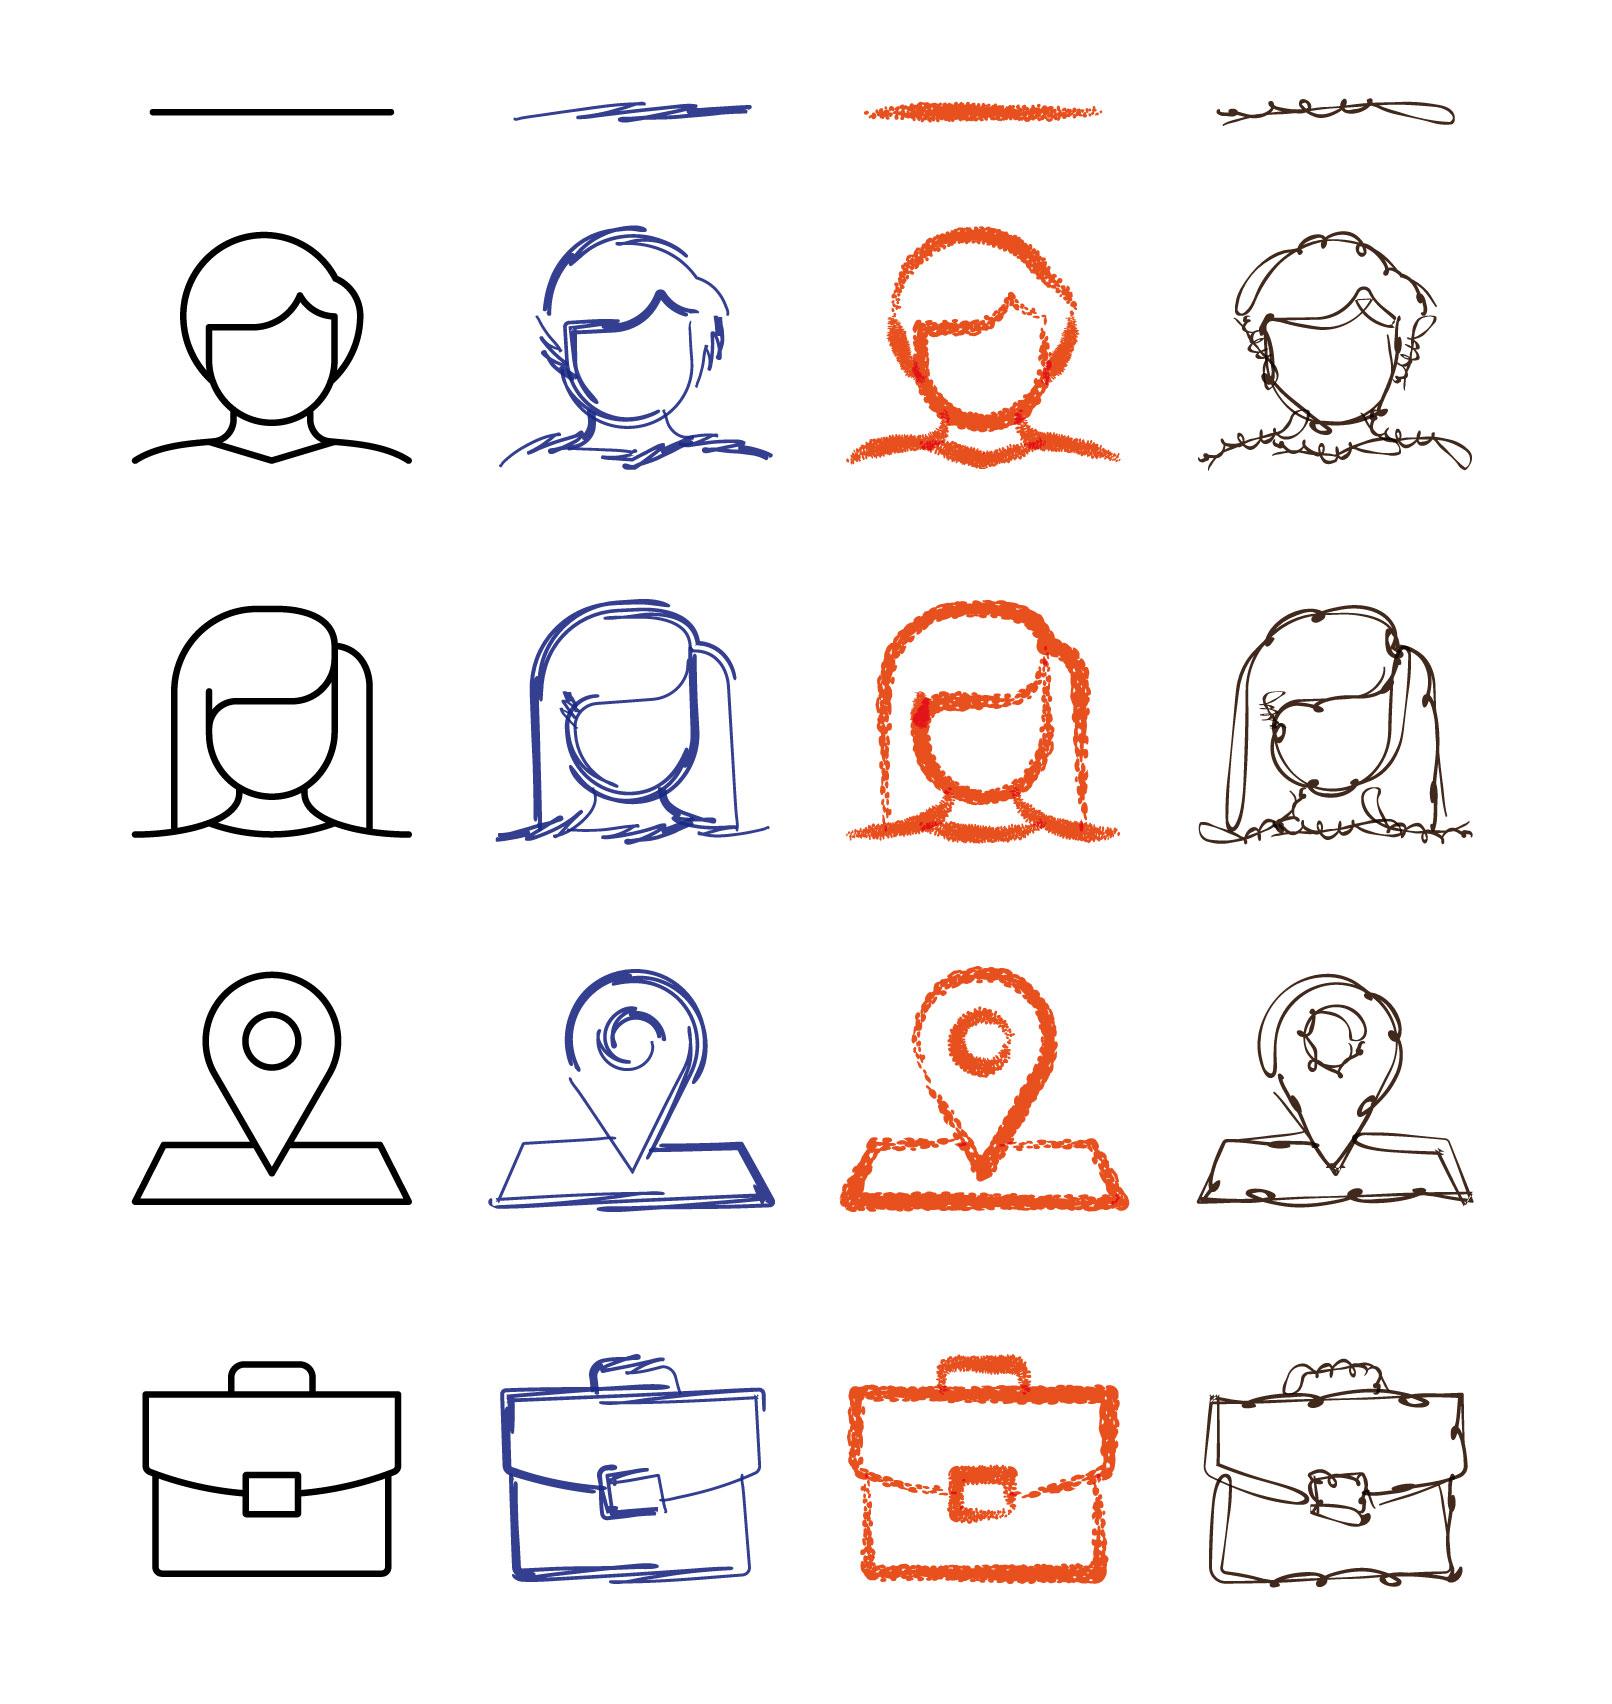 Linien und Grafiken, auf die die Pinsel in Affinity Designer aufgelegt wurden